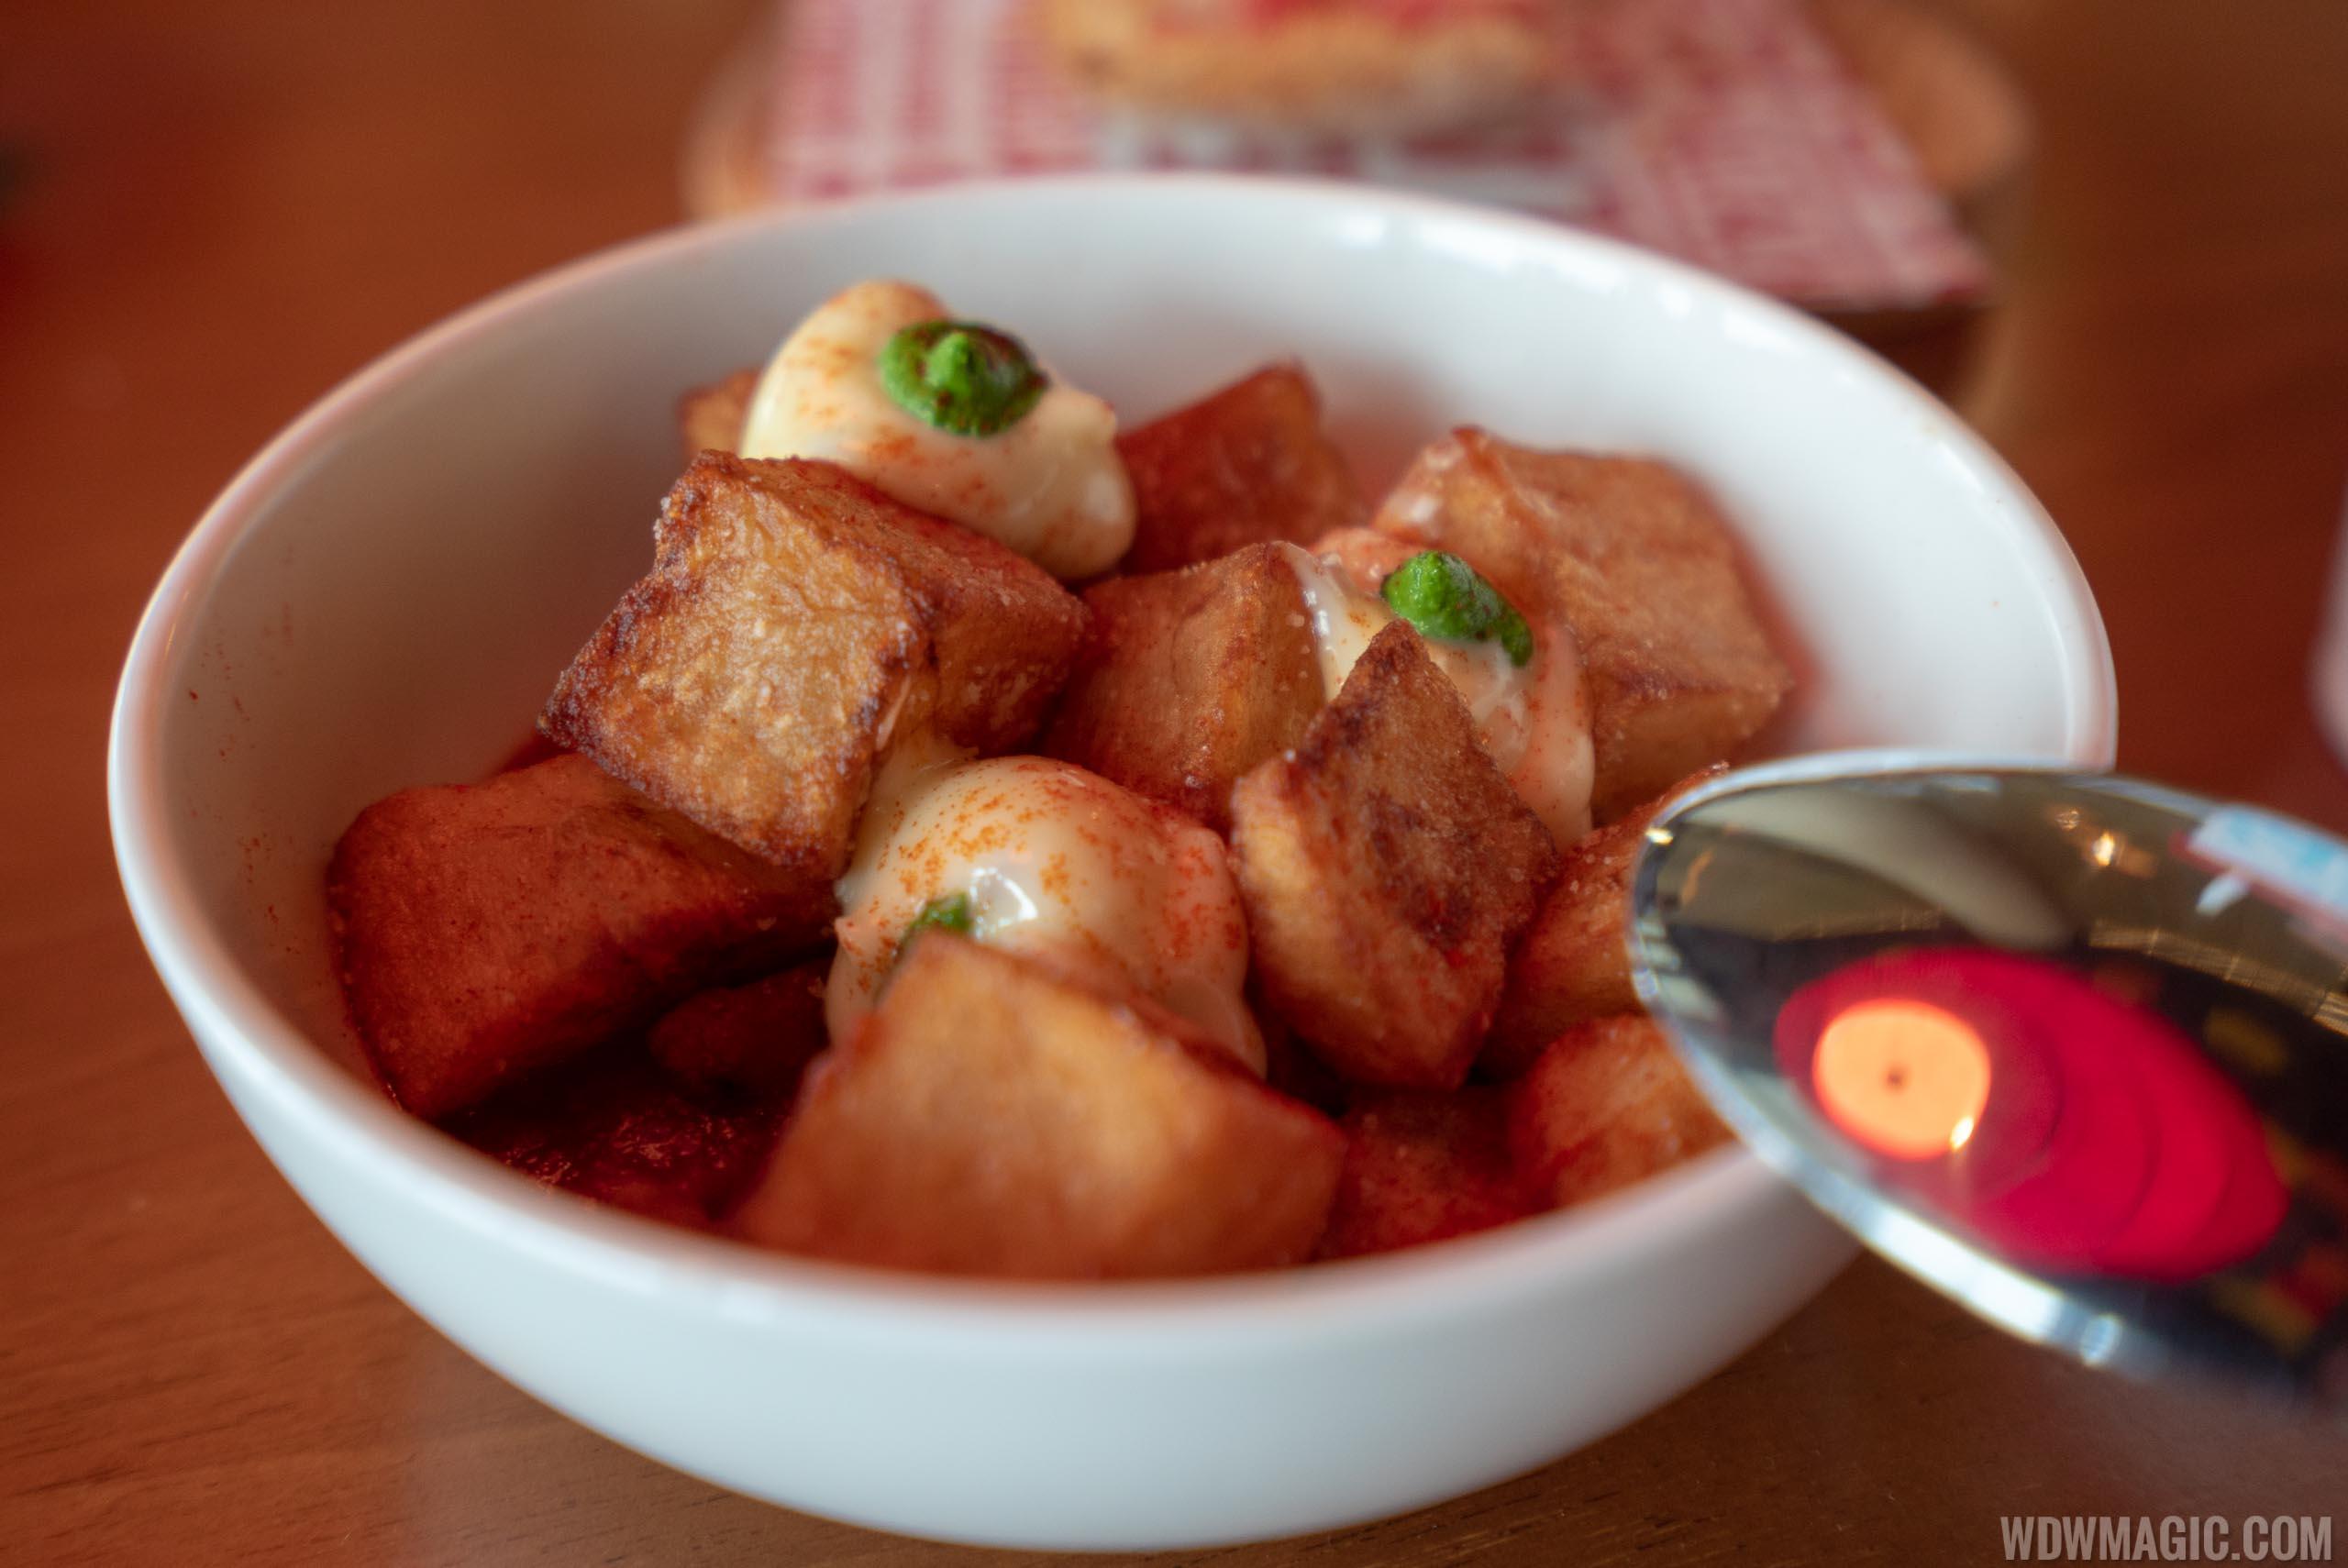 Jaleo Food - Patatas bravas